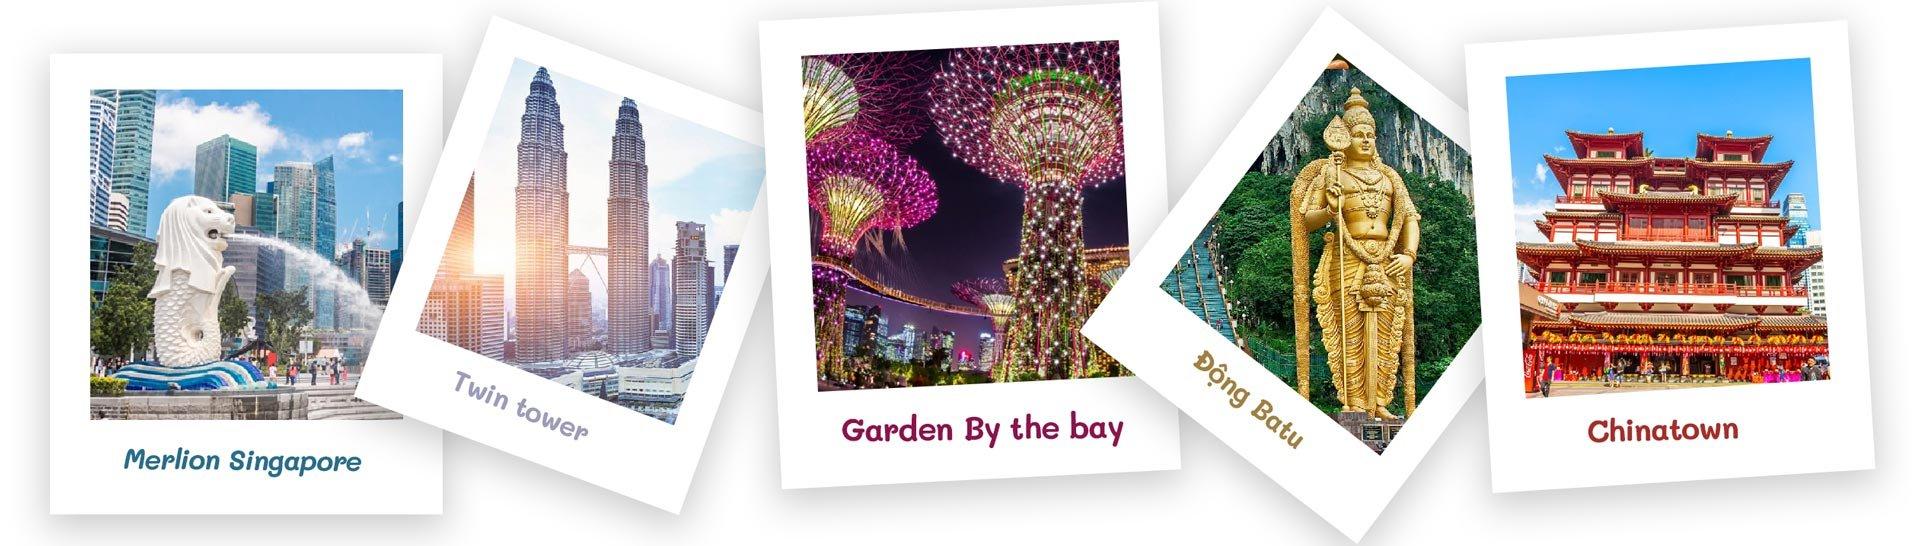 Điểm đến hấp dẫn ở Malaysia và Singapore